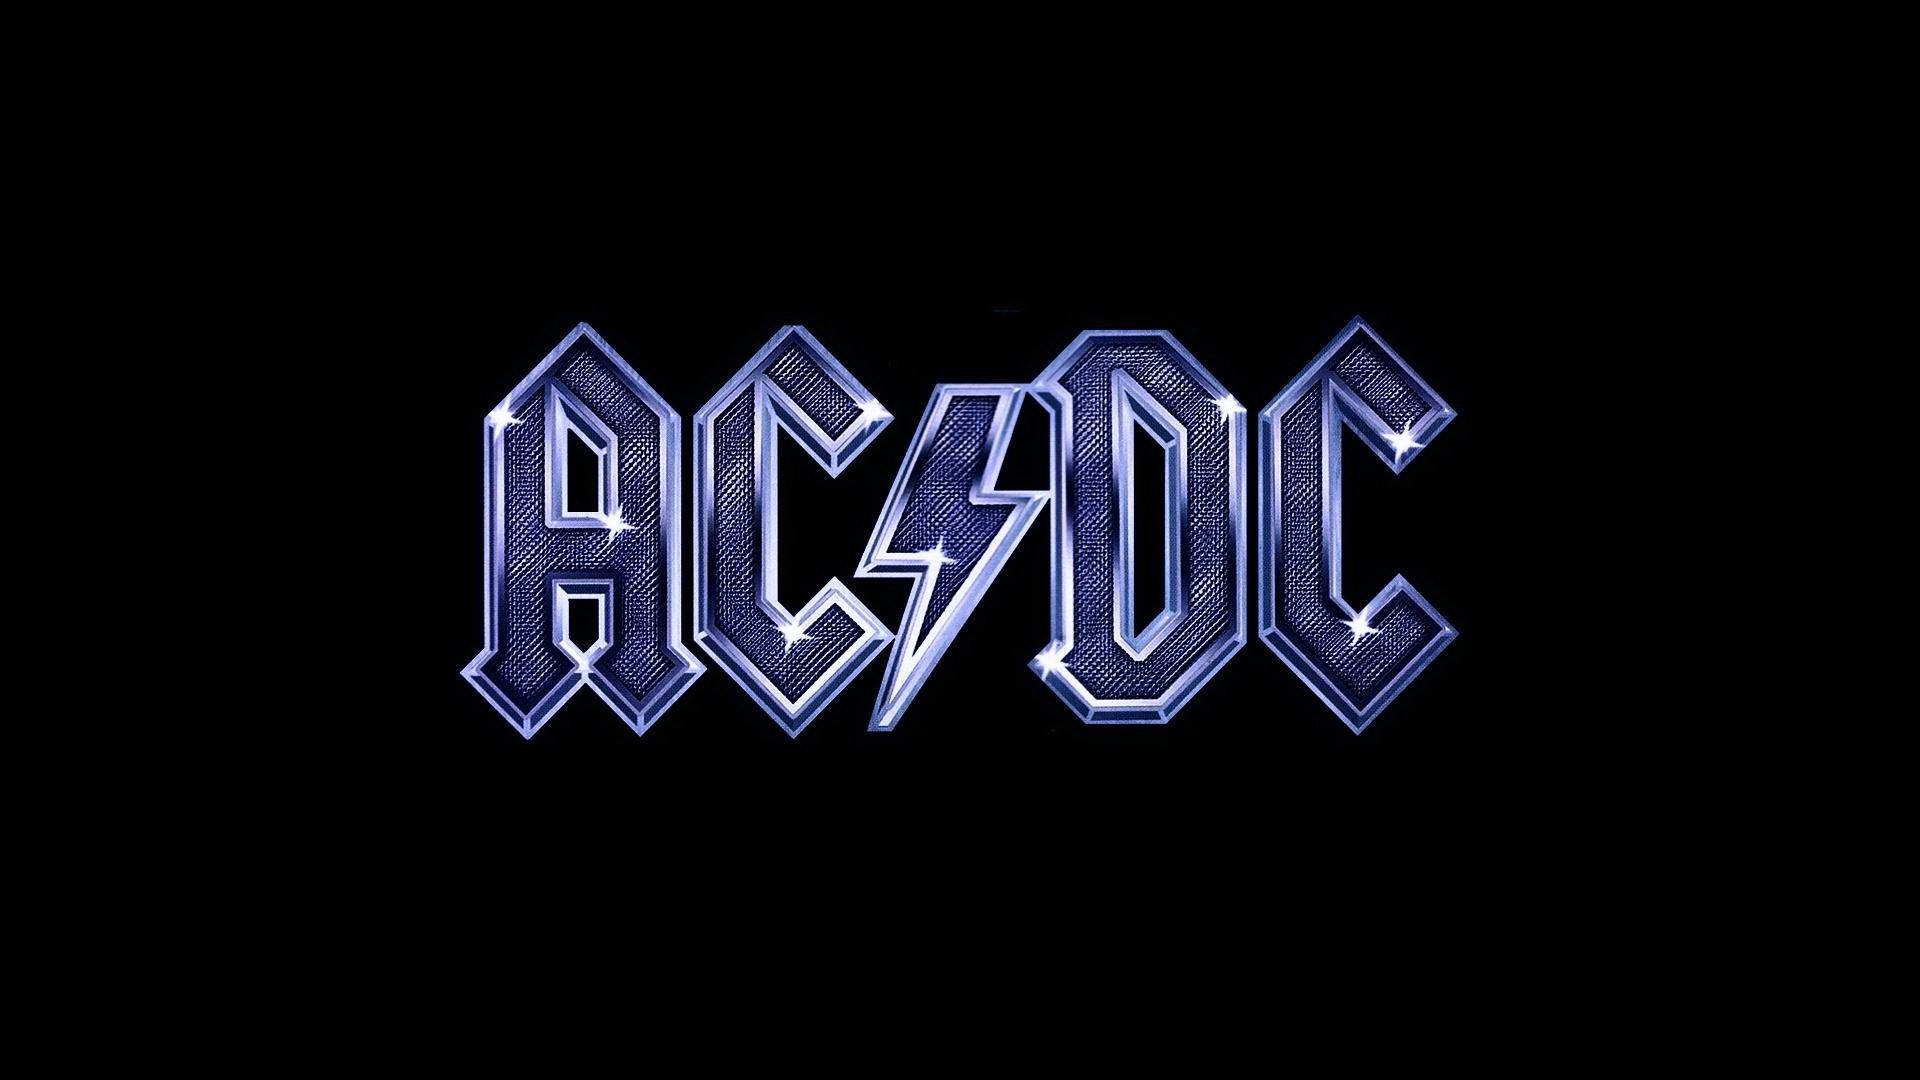 デスクトップ壁紙 図 テキスト ロゴ ブランド Ac Dc 形状